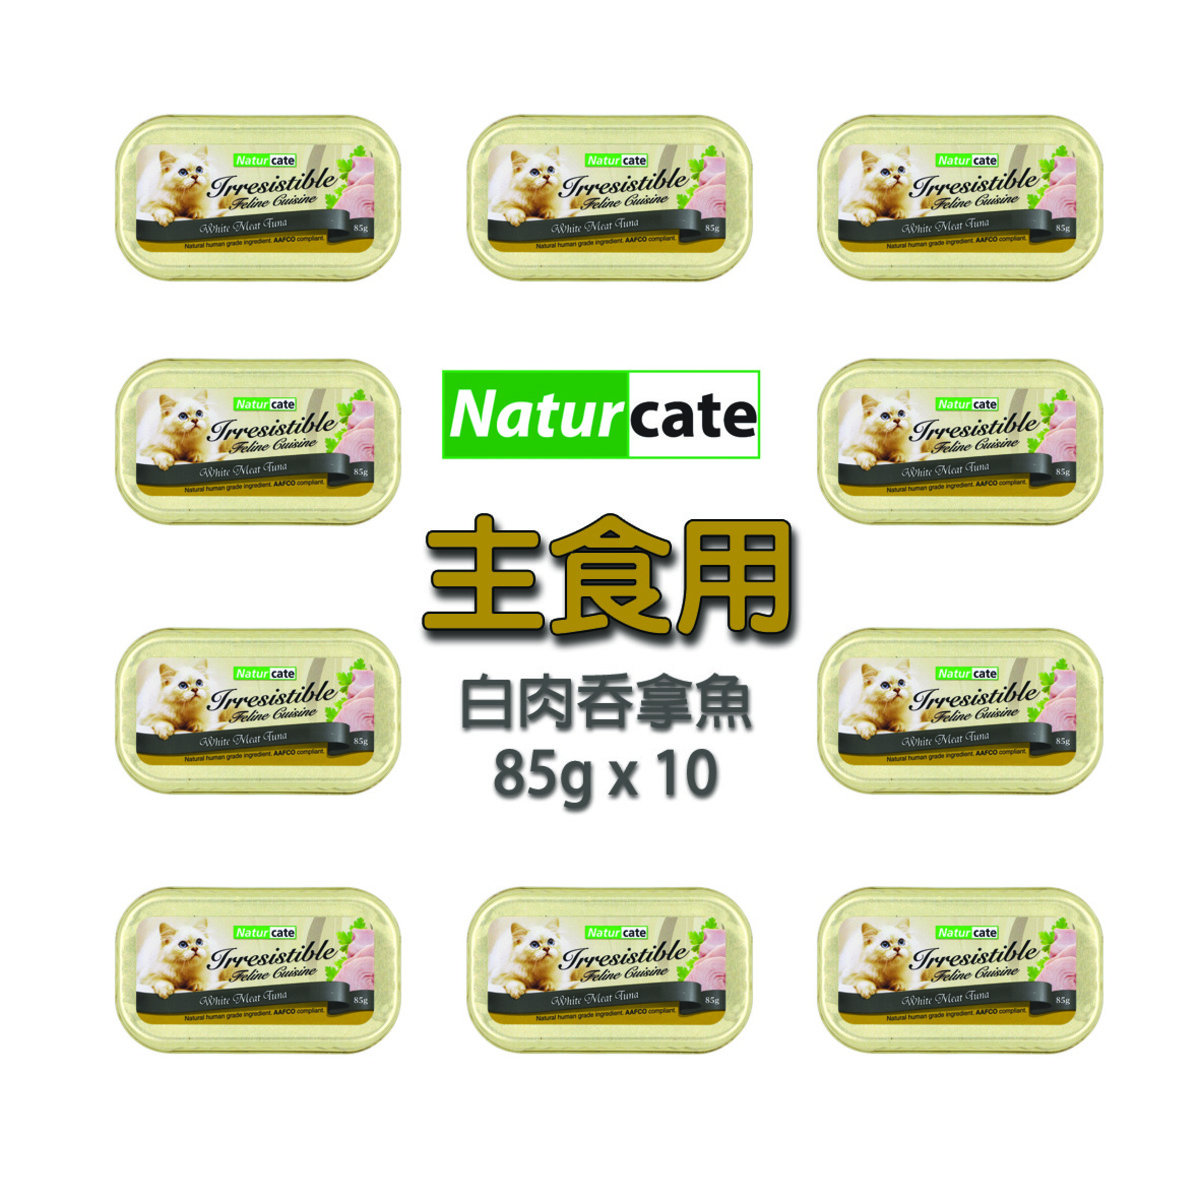 白肉吞拿魚 85g - 10罐